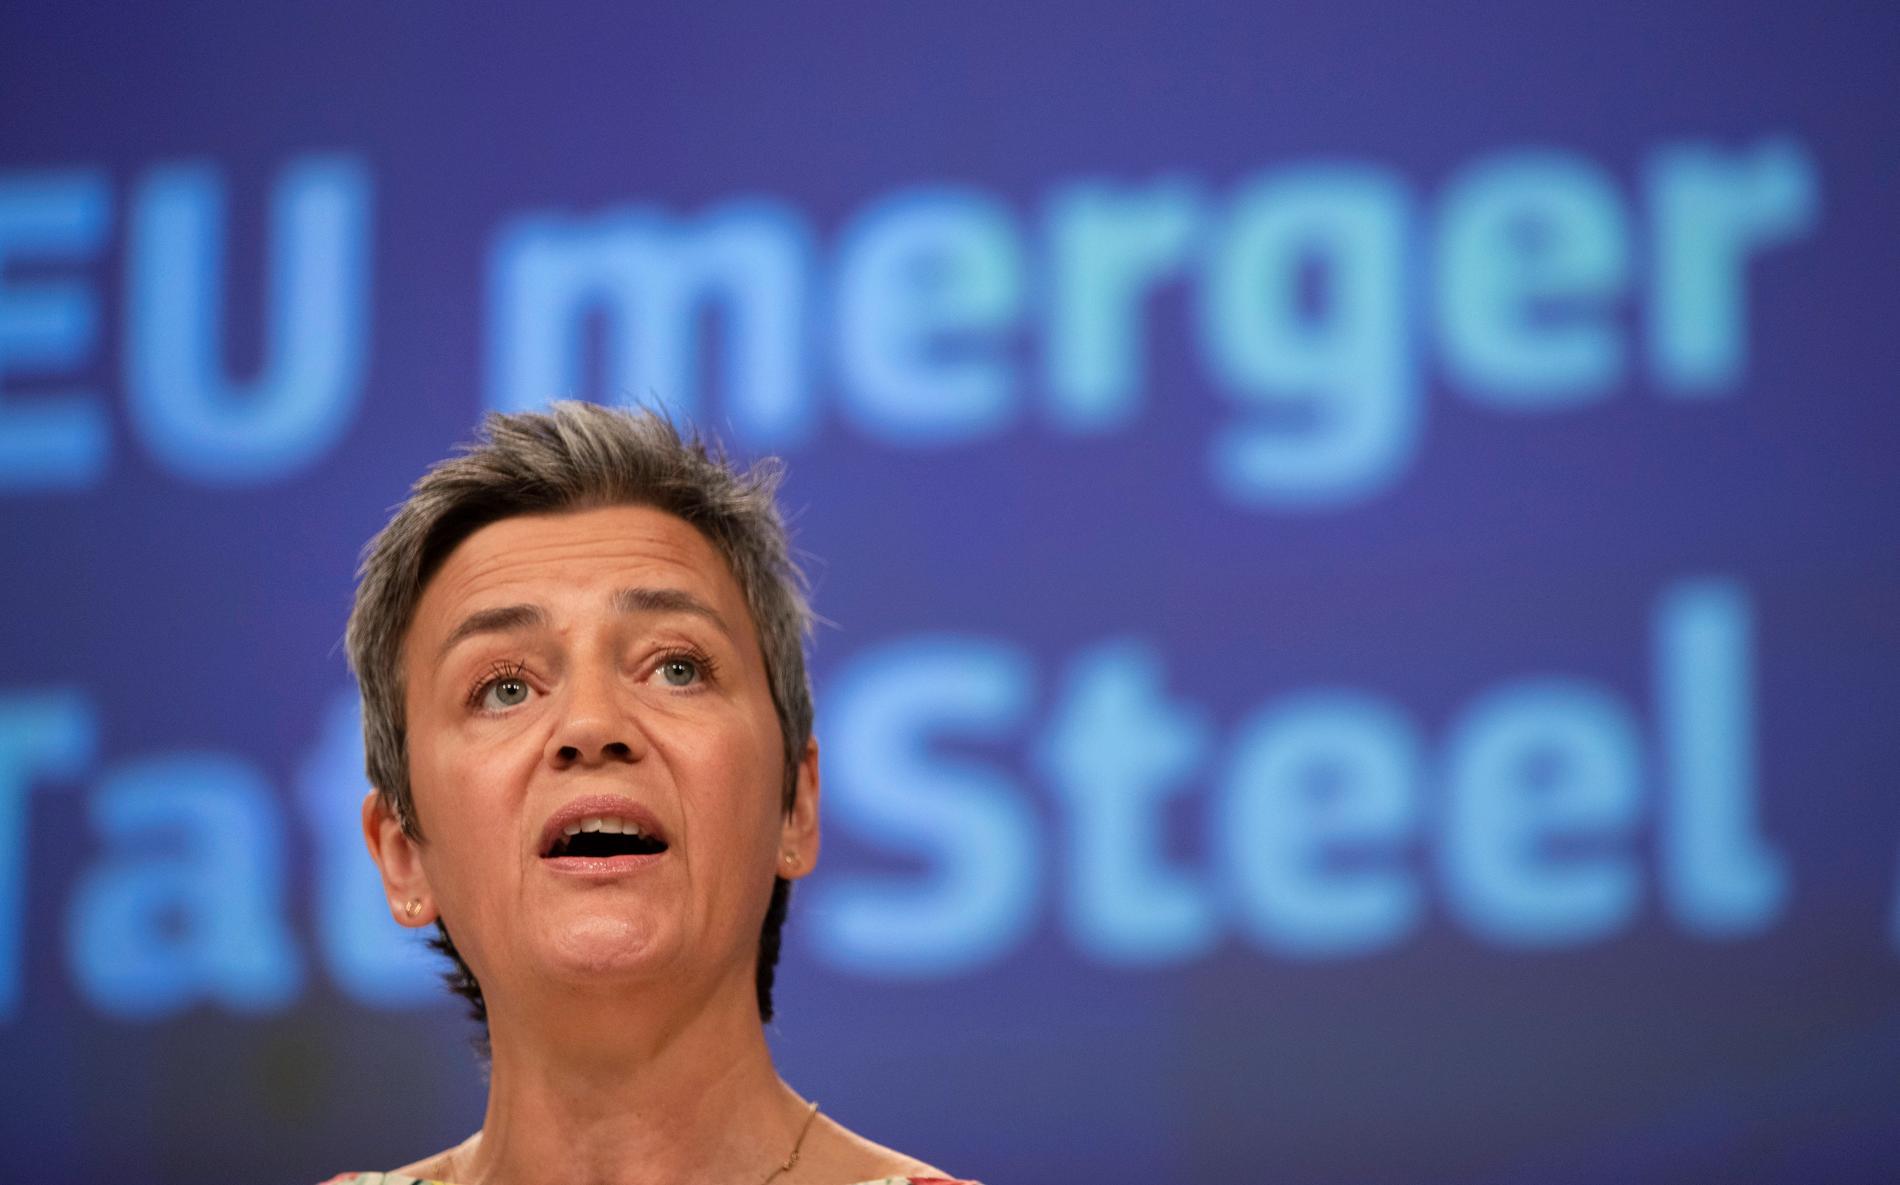 Margrethe Vestager, EU:s kommissionär för konkurrensfrågor, meddelar att EU kommer att utreda finansieringen av tunnelprojektet mellan Danmark och Tyskland. Arkivbild.